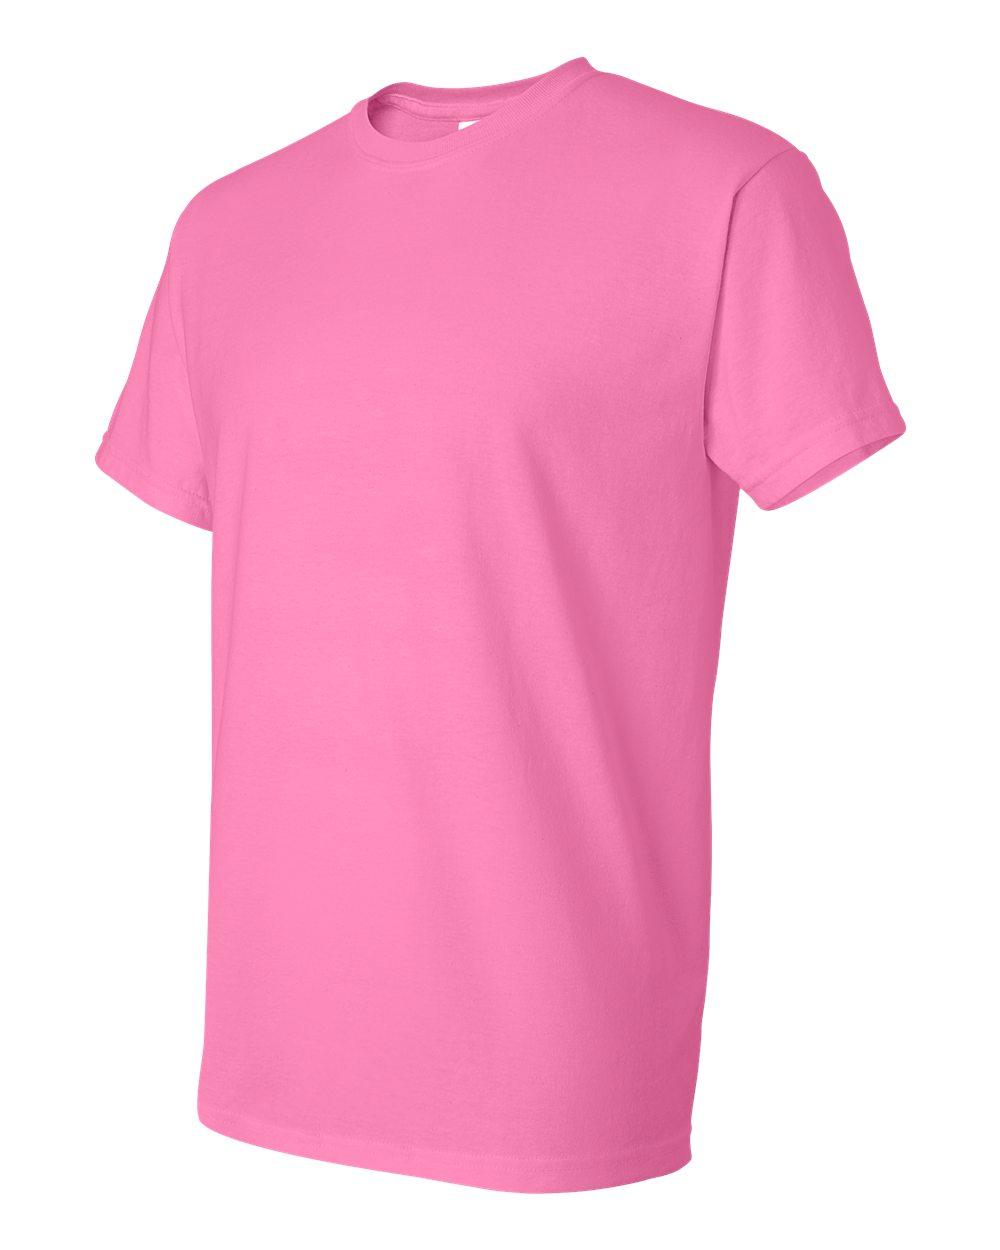 Gildan-Mens-DryBlend-5-6-oz-50-50-T-Shirt-G800-Size-S-5XL thumbnail 8